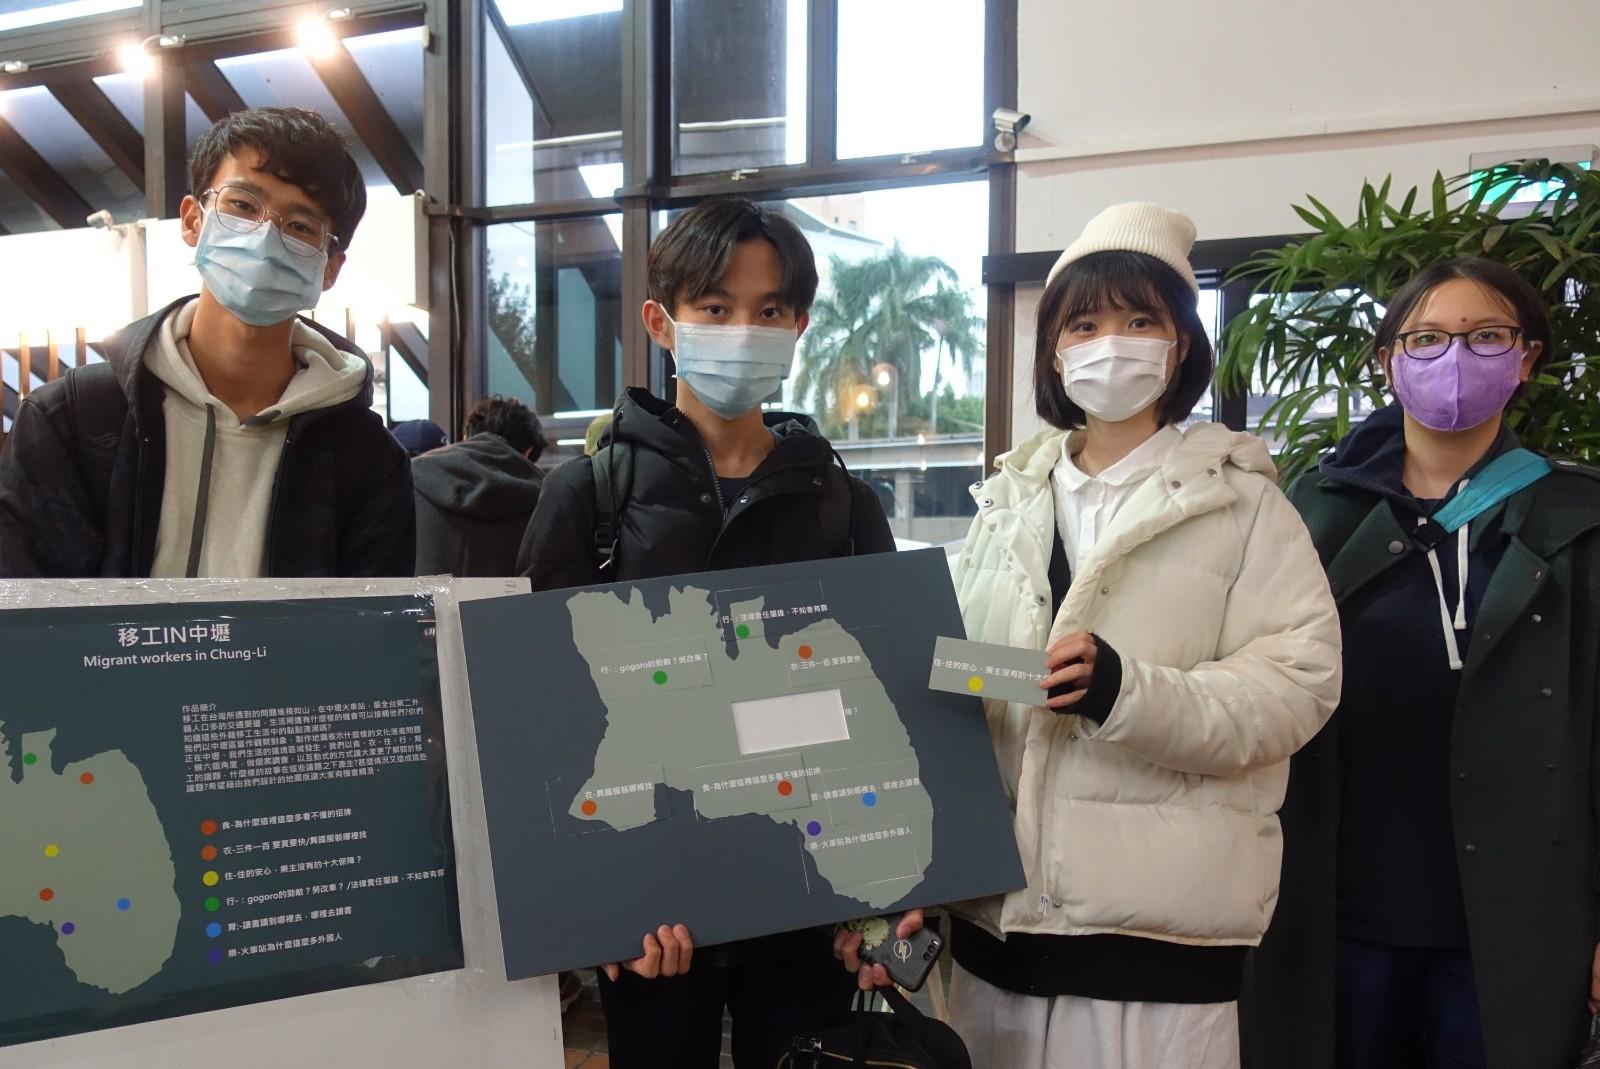 桃園學「移工IN中壢」組學生藉由地圖板之Q&A讓觀展者了解移工在台灣所遇到的問題。.jpg